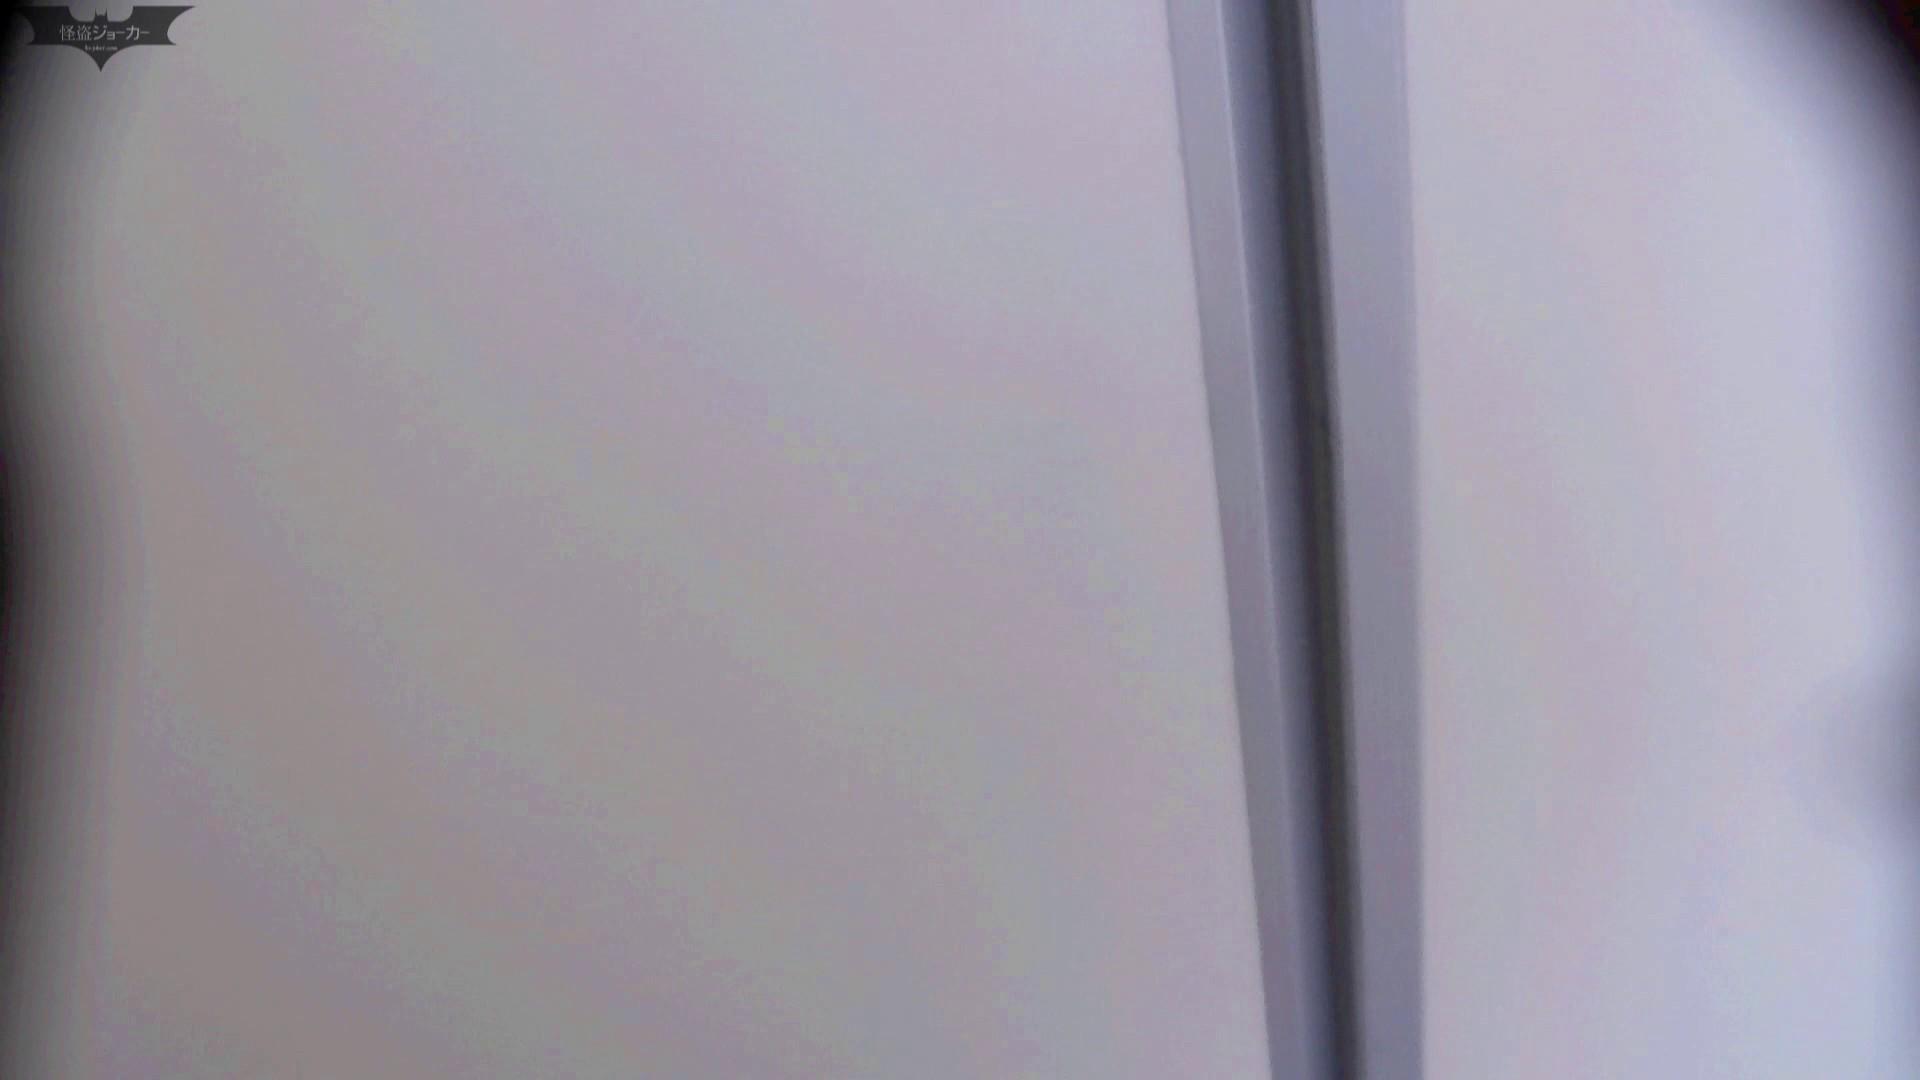 お銀 vol.68 無謀に通路に飛び出て一番明るいフロント撮り実現、見所満載 お姉さんのSEX スケベ動画紹介 77枚 52